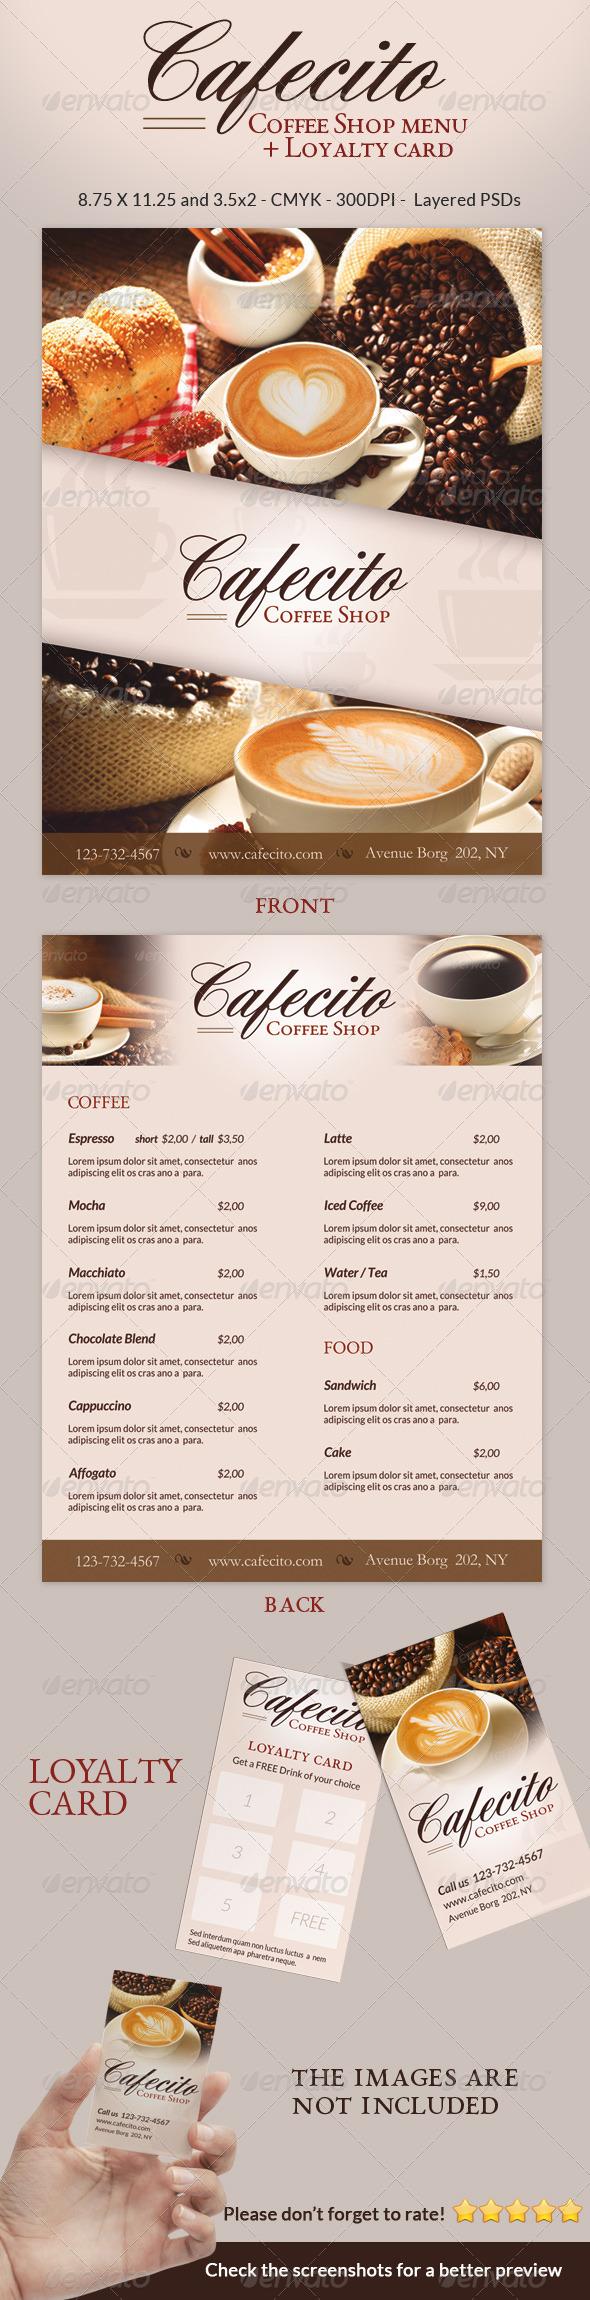 GraphicRiver Cafecito Coffee Shop Menu & Loyalty Card 6436233